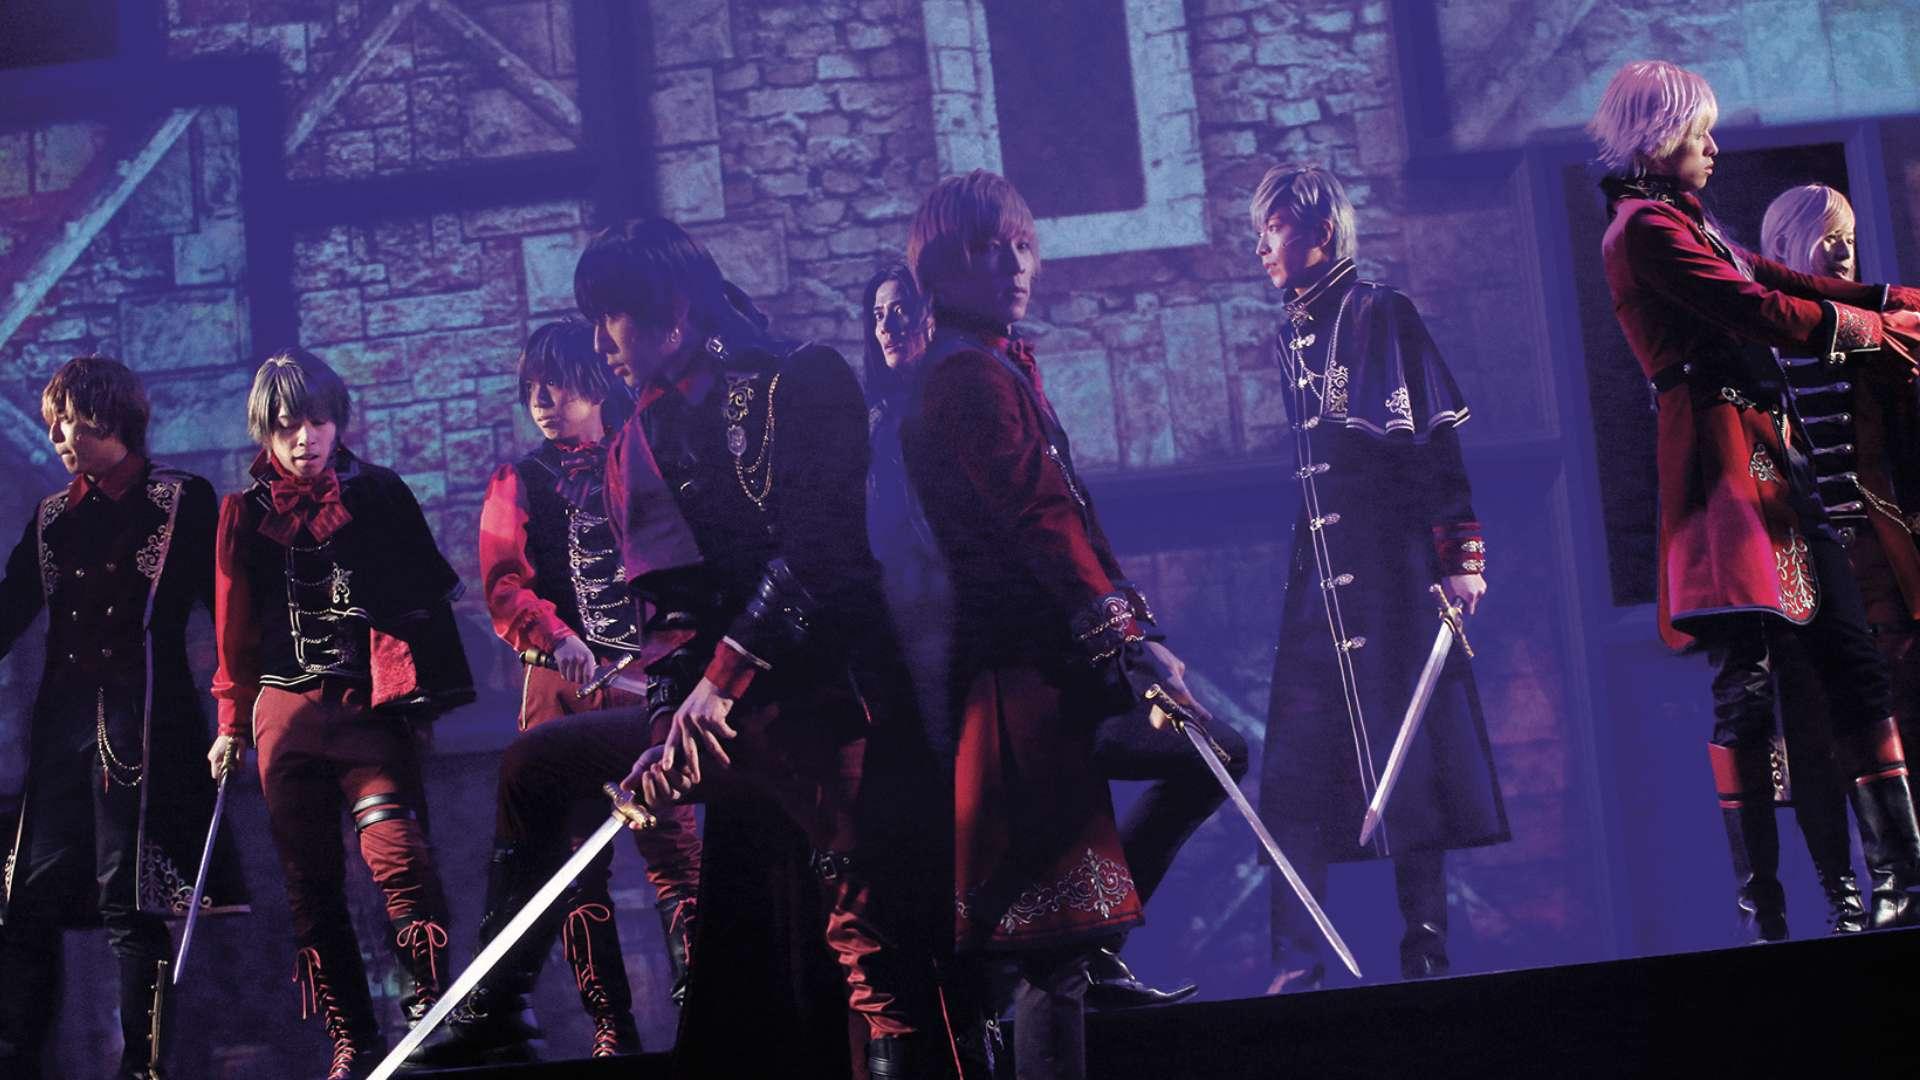 2.5次元ダンスライブ「S.Q.S」 Episode 3「ROMEO - in the darkness -」Ver.RED